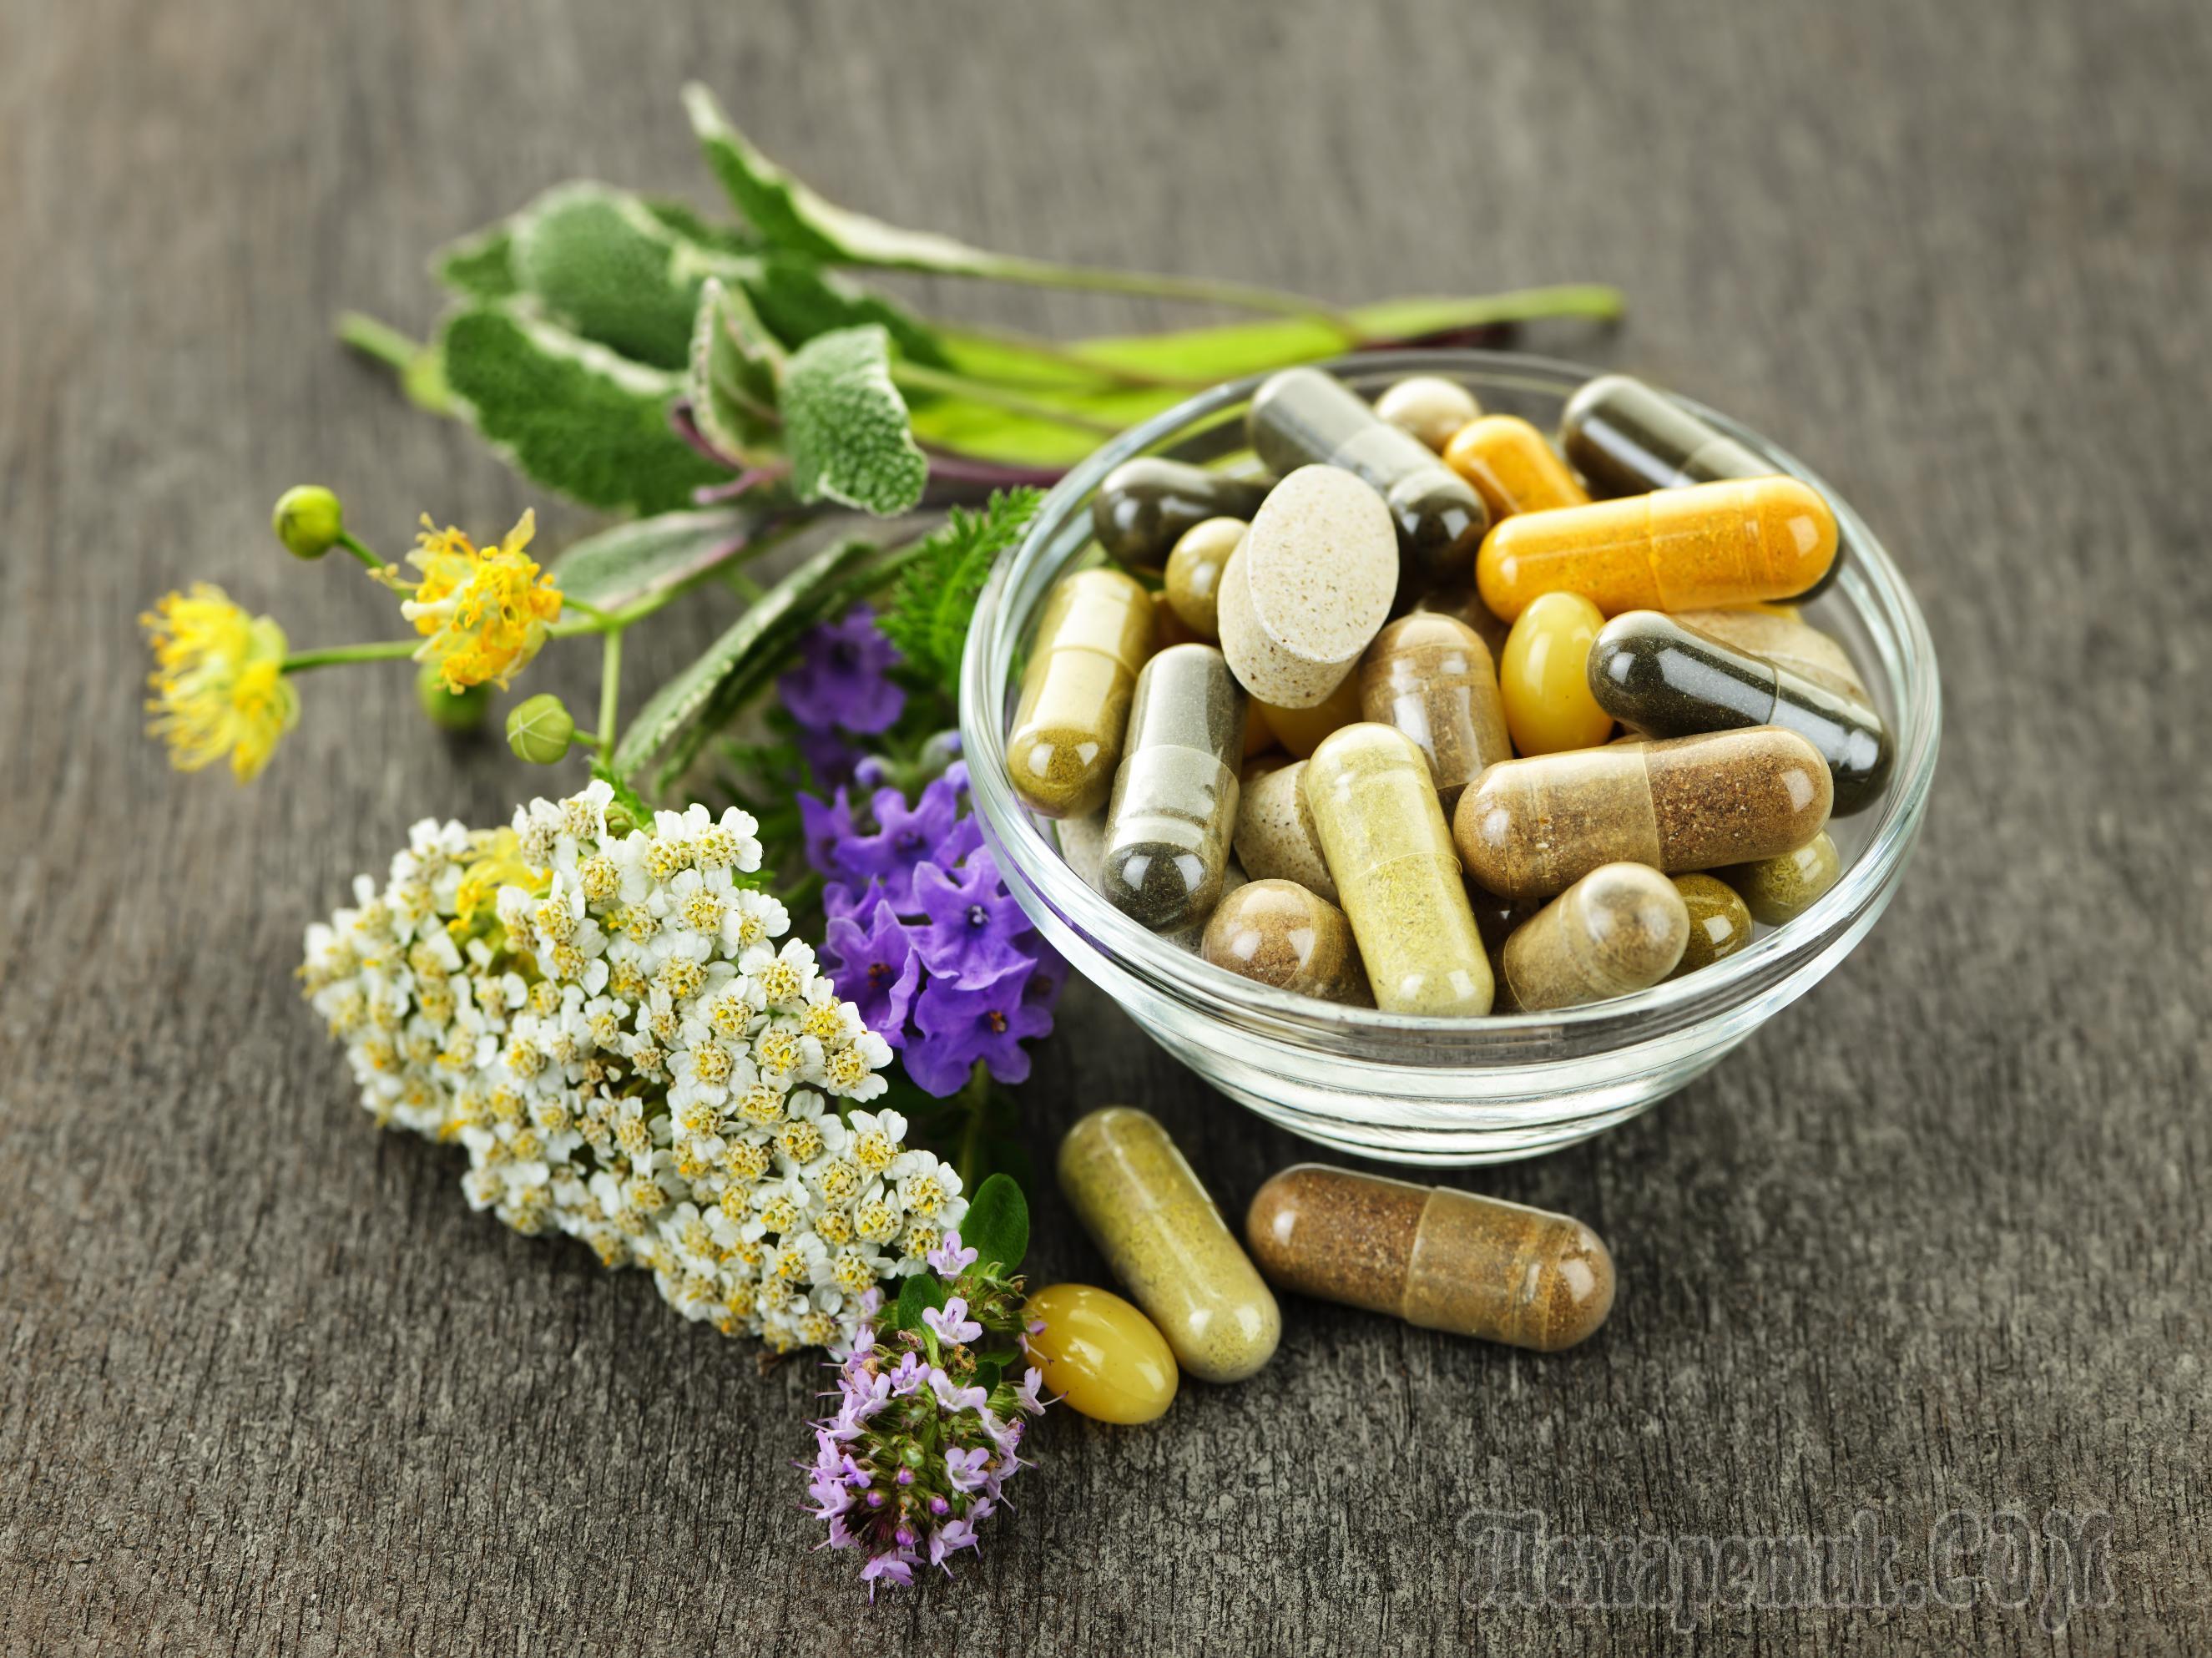 Лечение поджелудочной железы народными средствами-Лечение травами, рецепты народной медицины